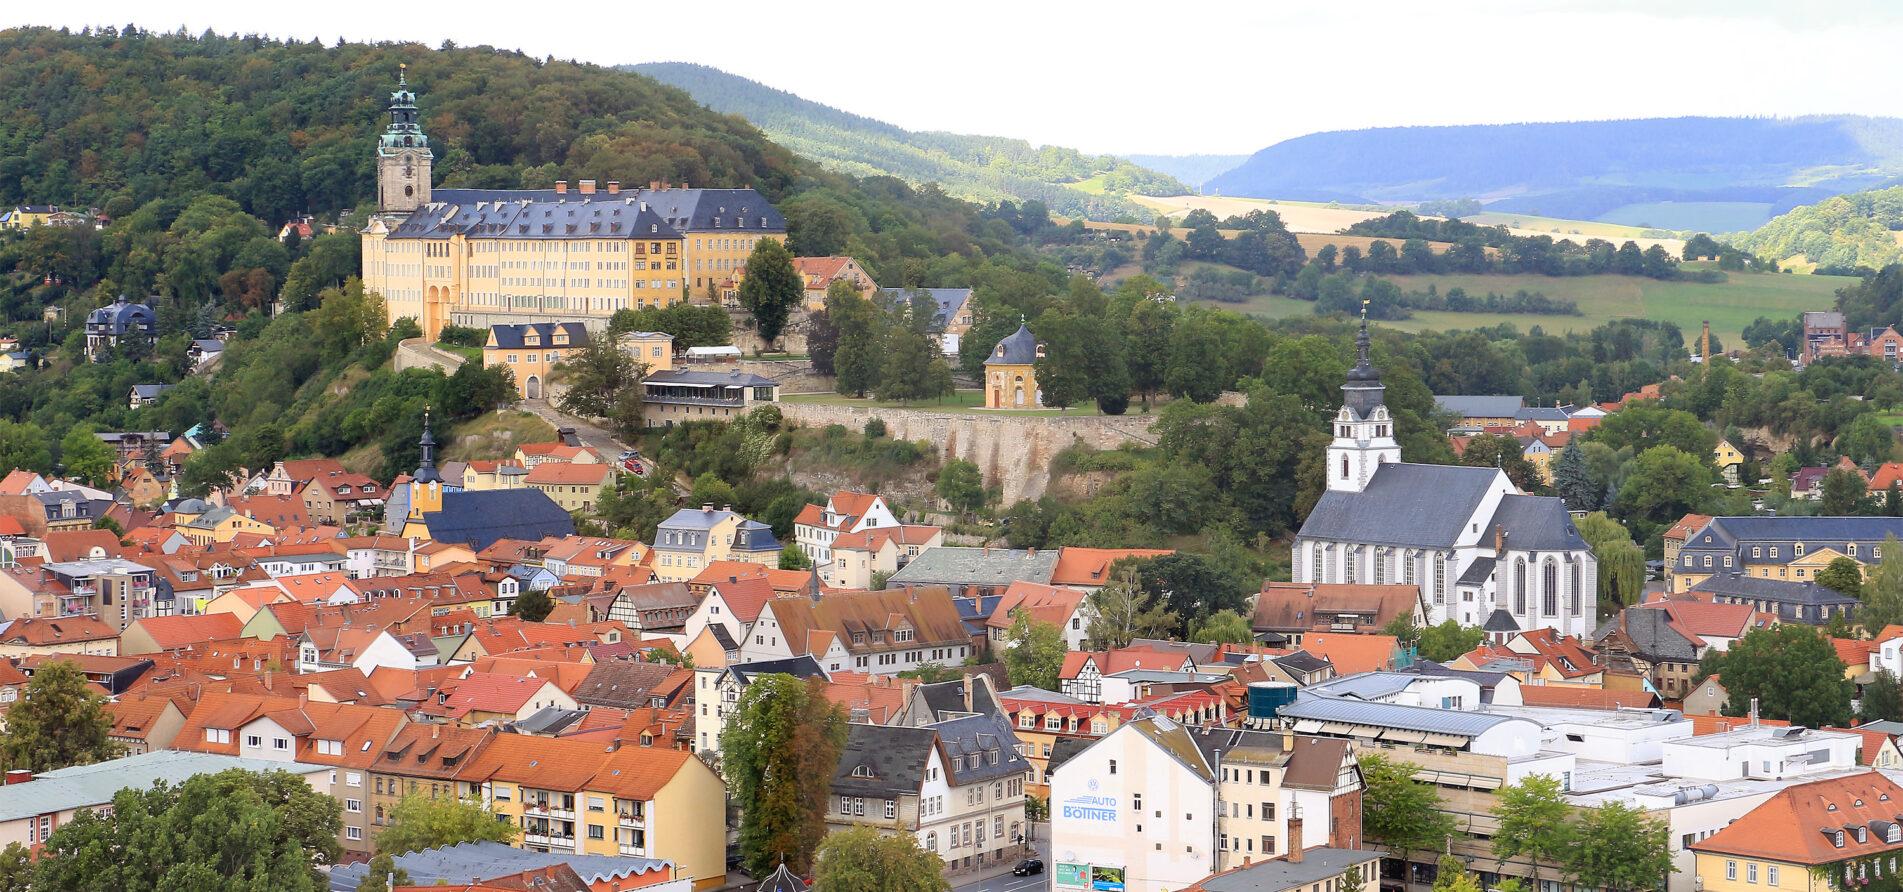 Blick ueber Rudolstadt Alexander Stemplewitz